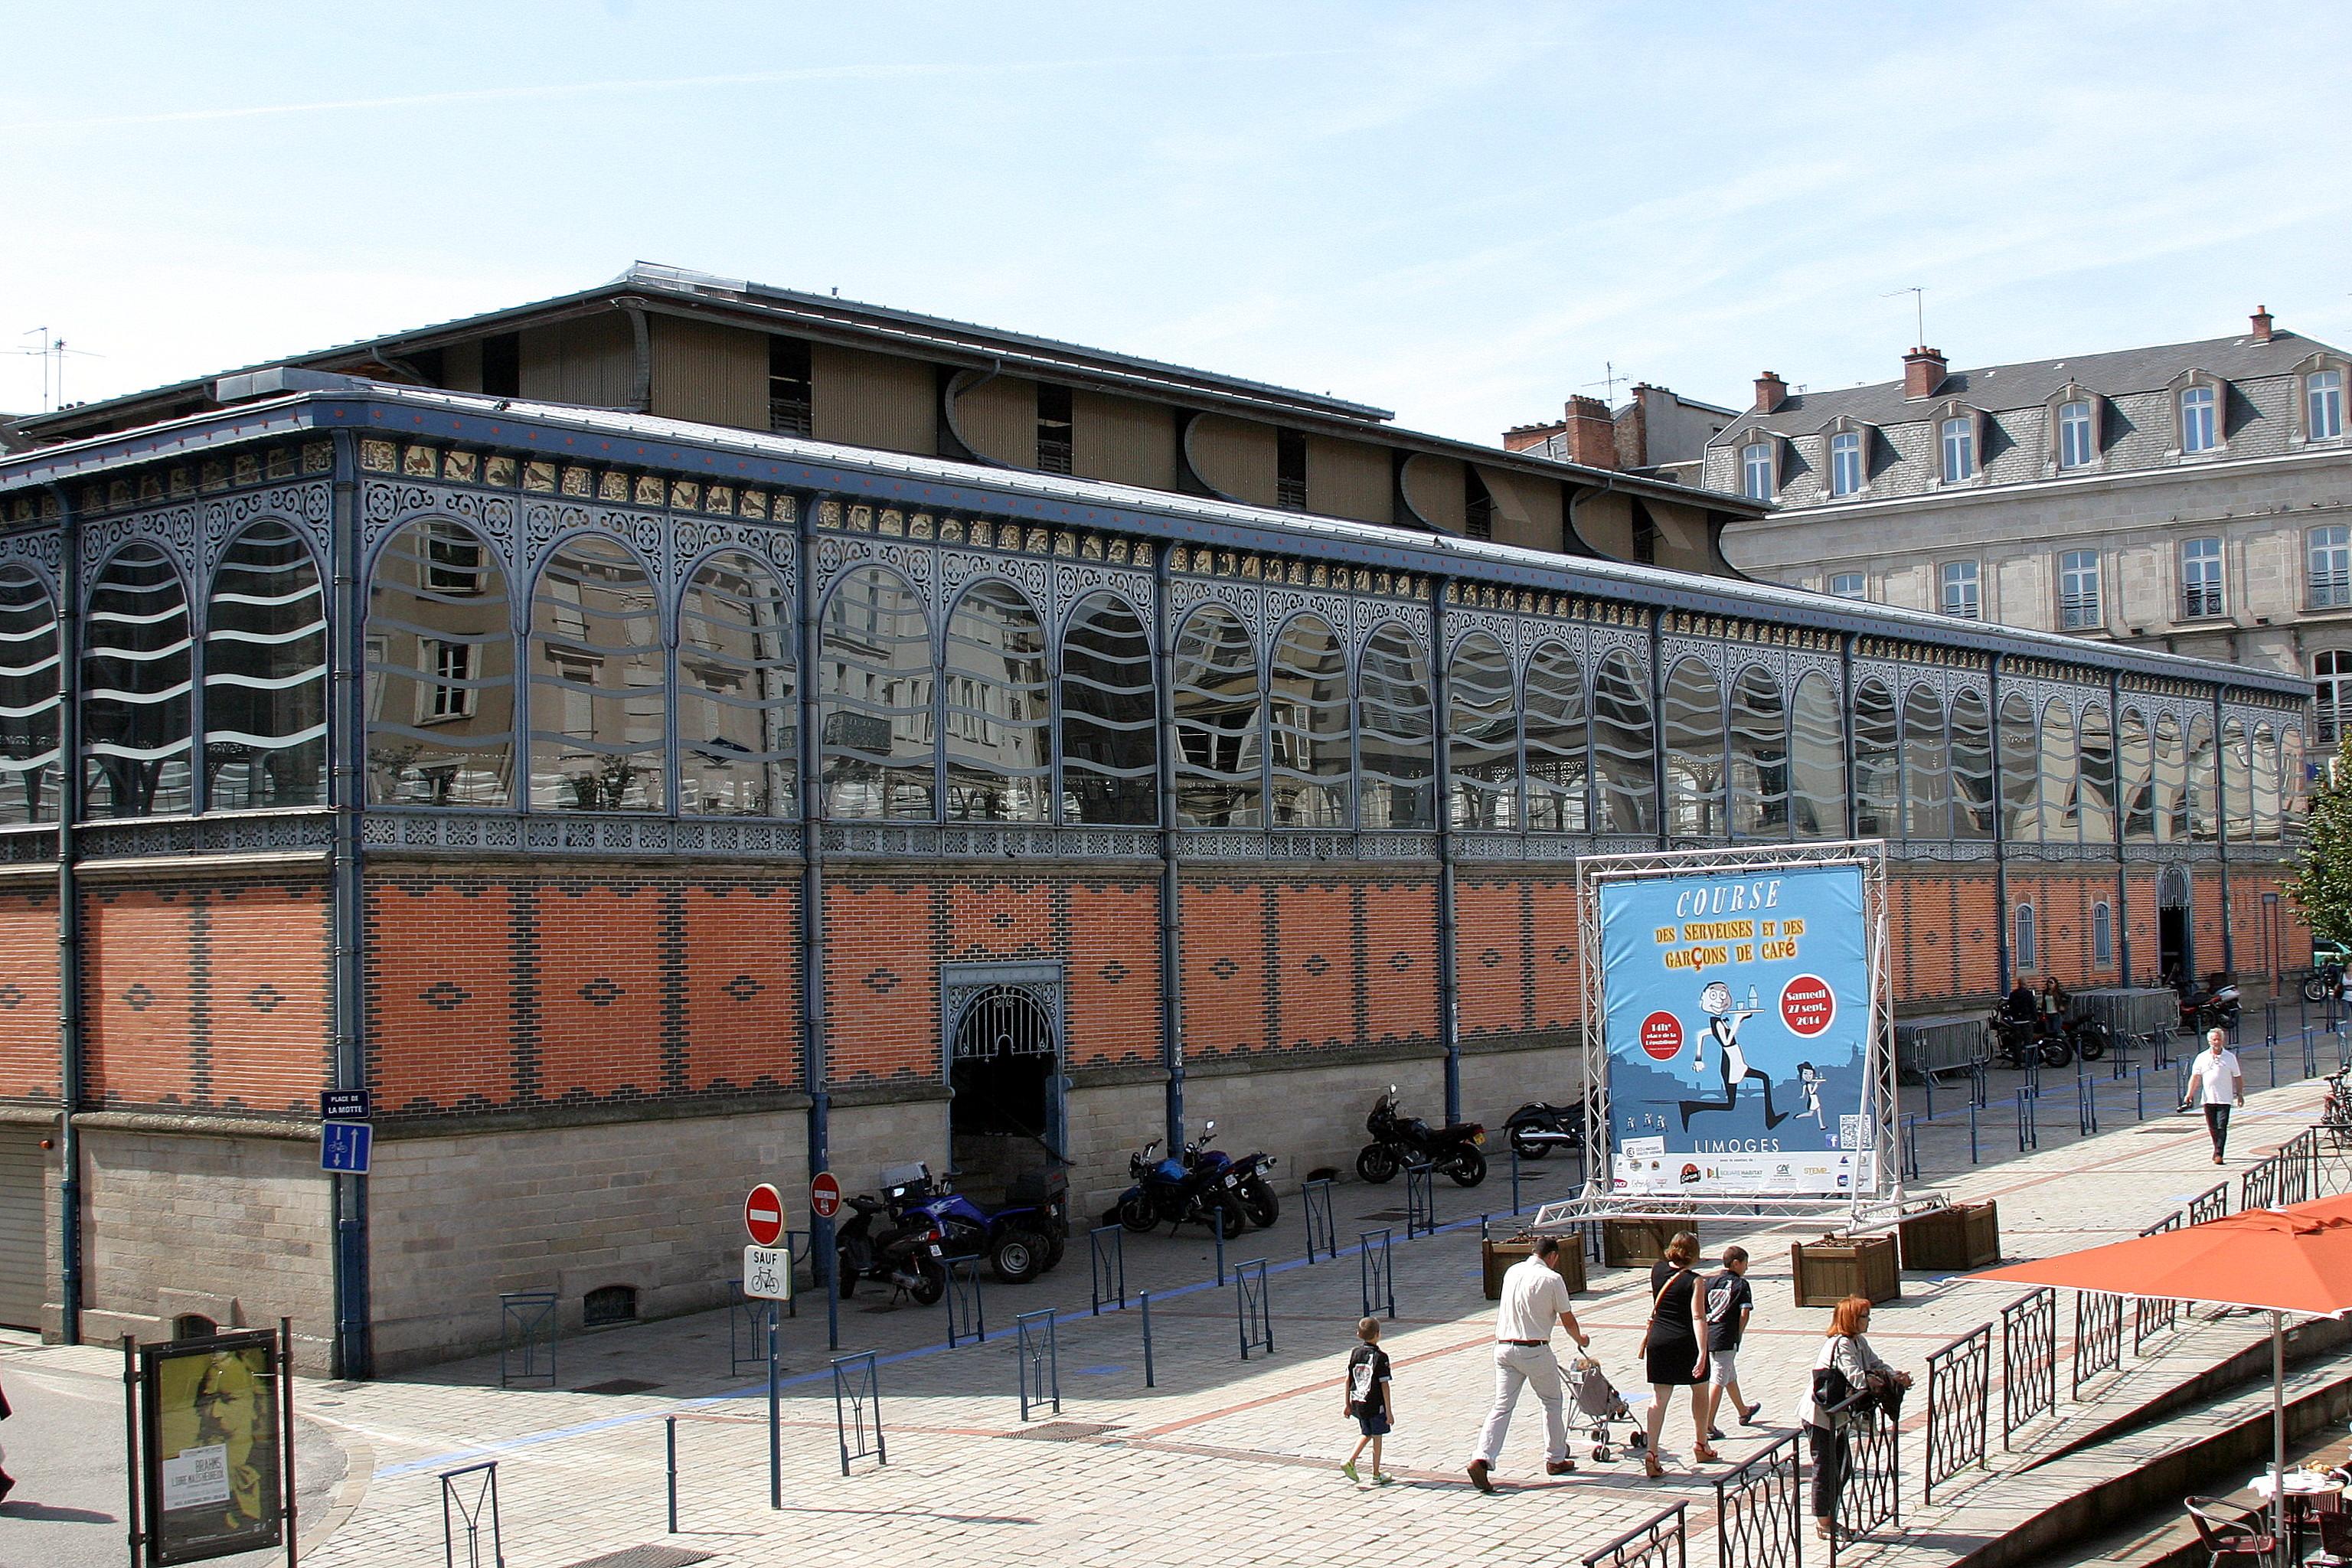 Central Market - Limoges, France